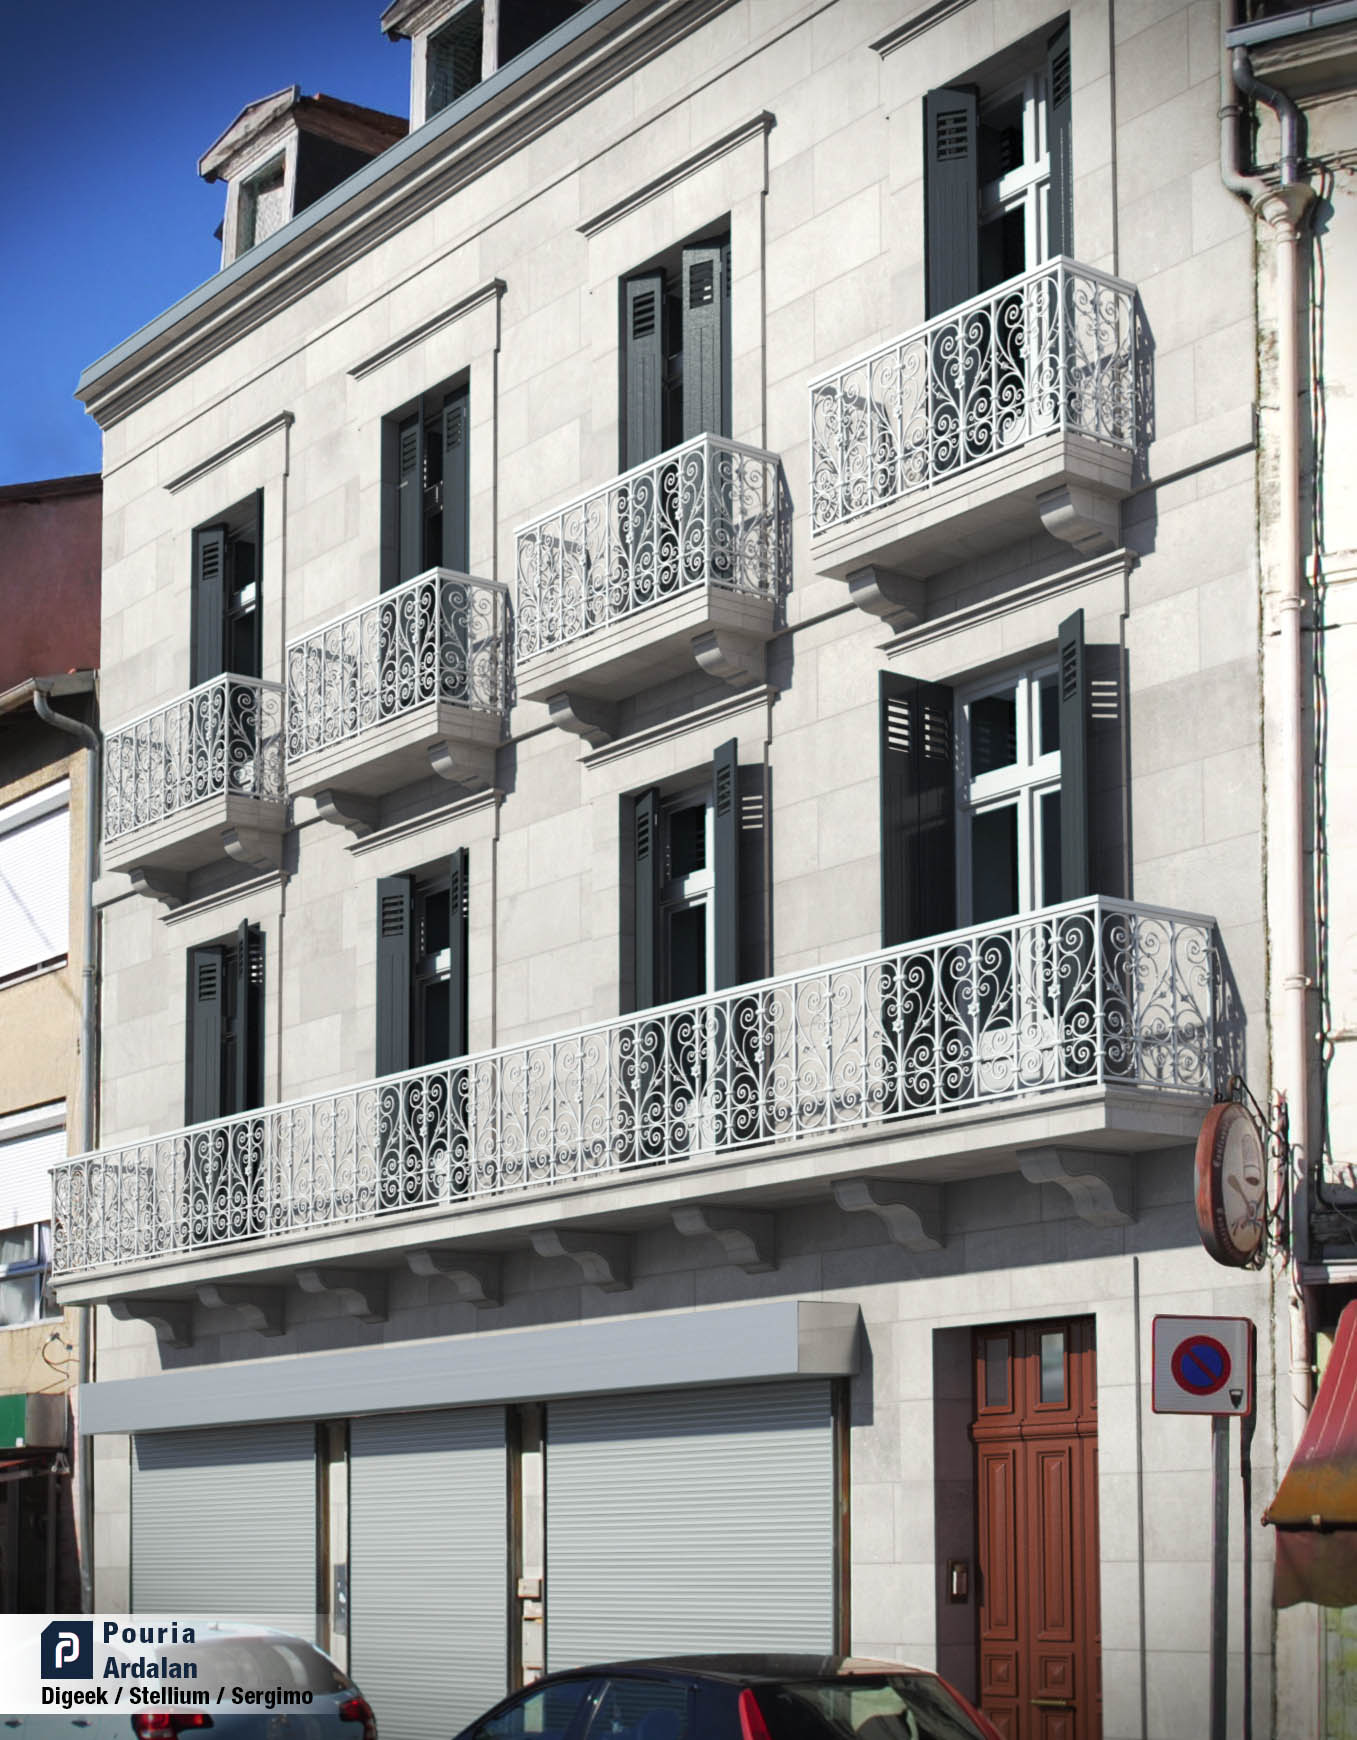 restauration d 39 immeuble en architecture 3d pouria ardalan infographiste 3d toulouse. Black Bedroom Furniture Sets. Home Design Ideas